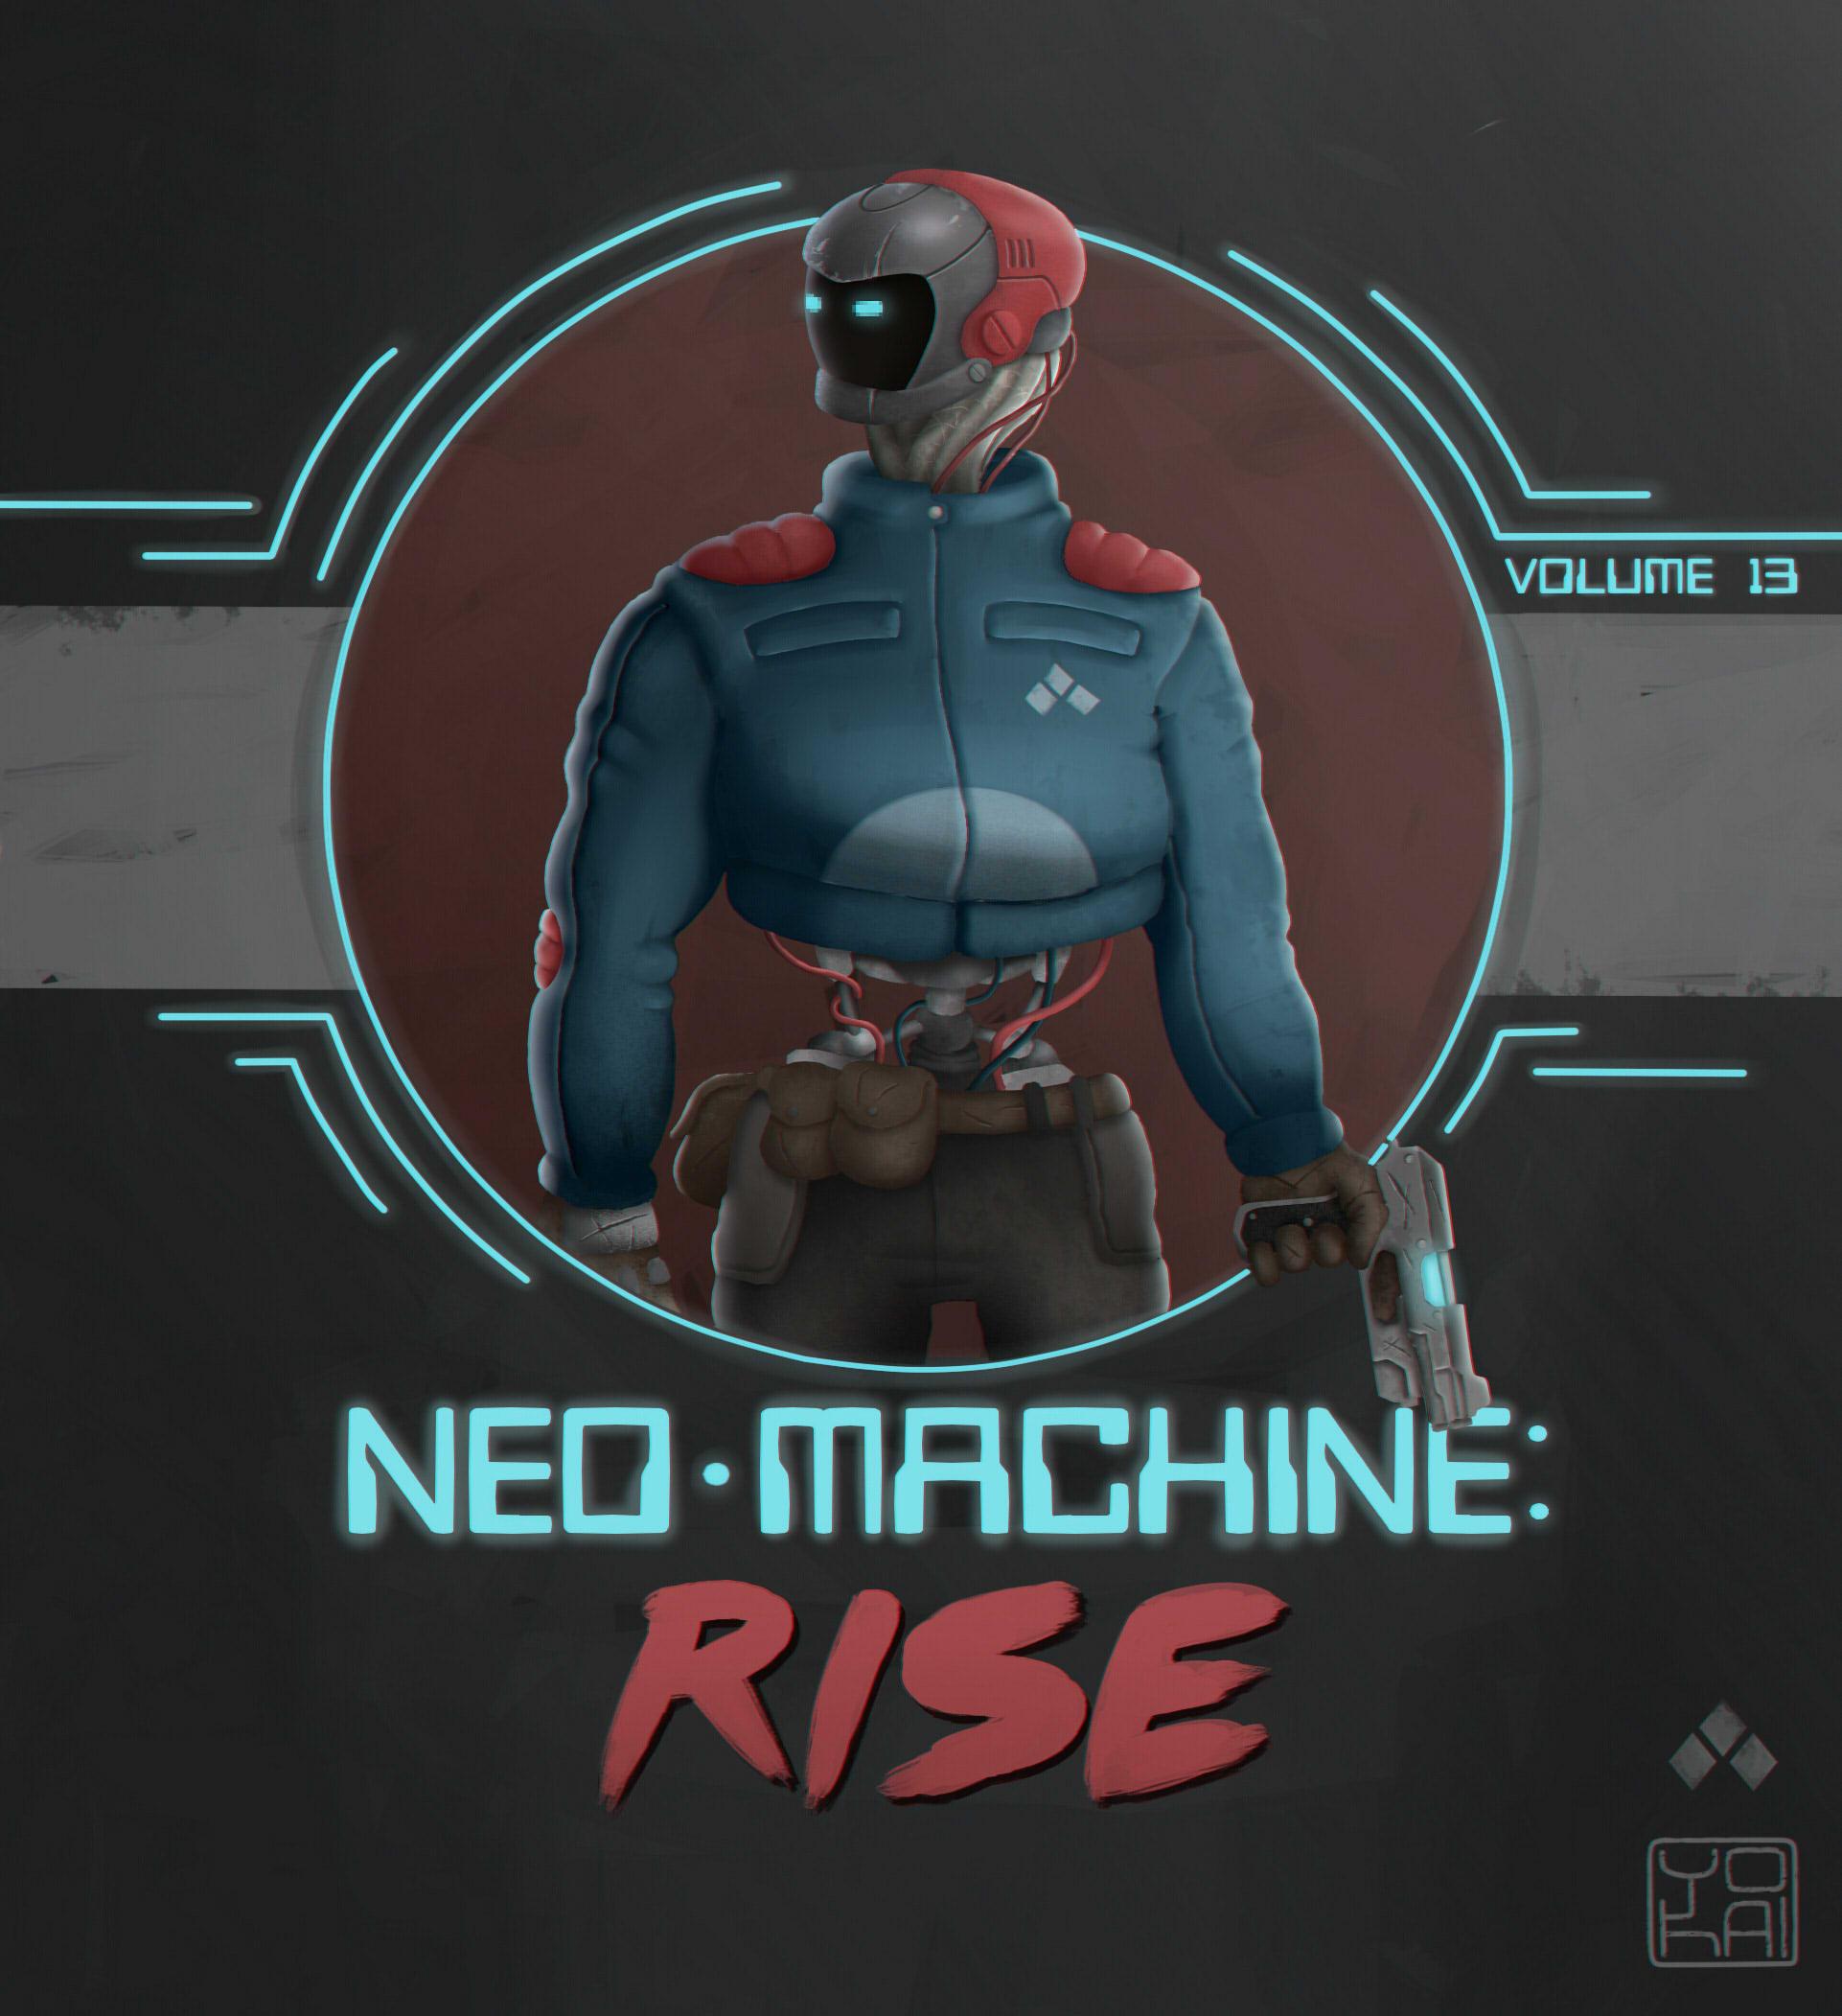 Neo-Machine: Rise (Cyberpunk project)